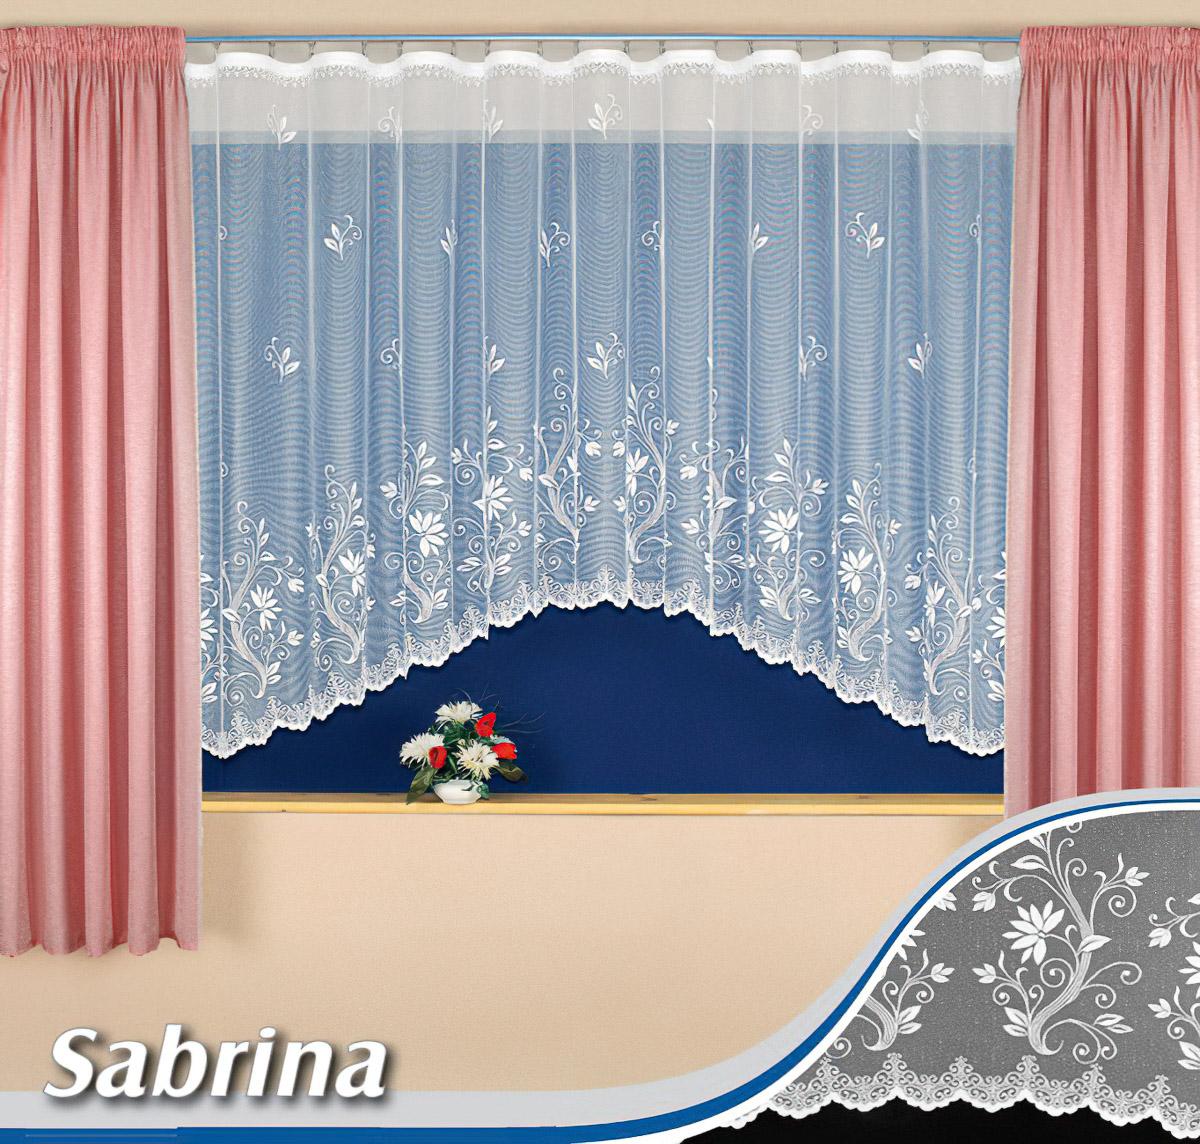 Tylex kusová záclona SABRINA jednobarevná bílá, výška 160cm x šířka 350cm (na okno)